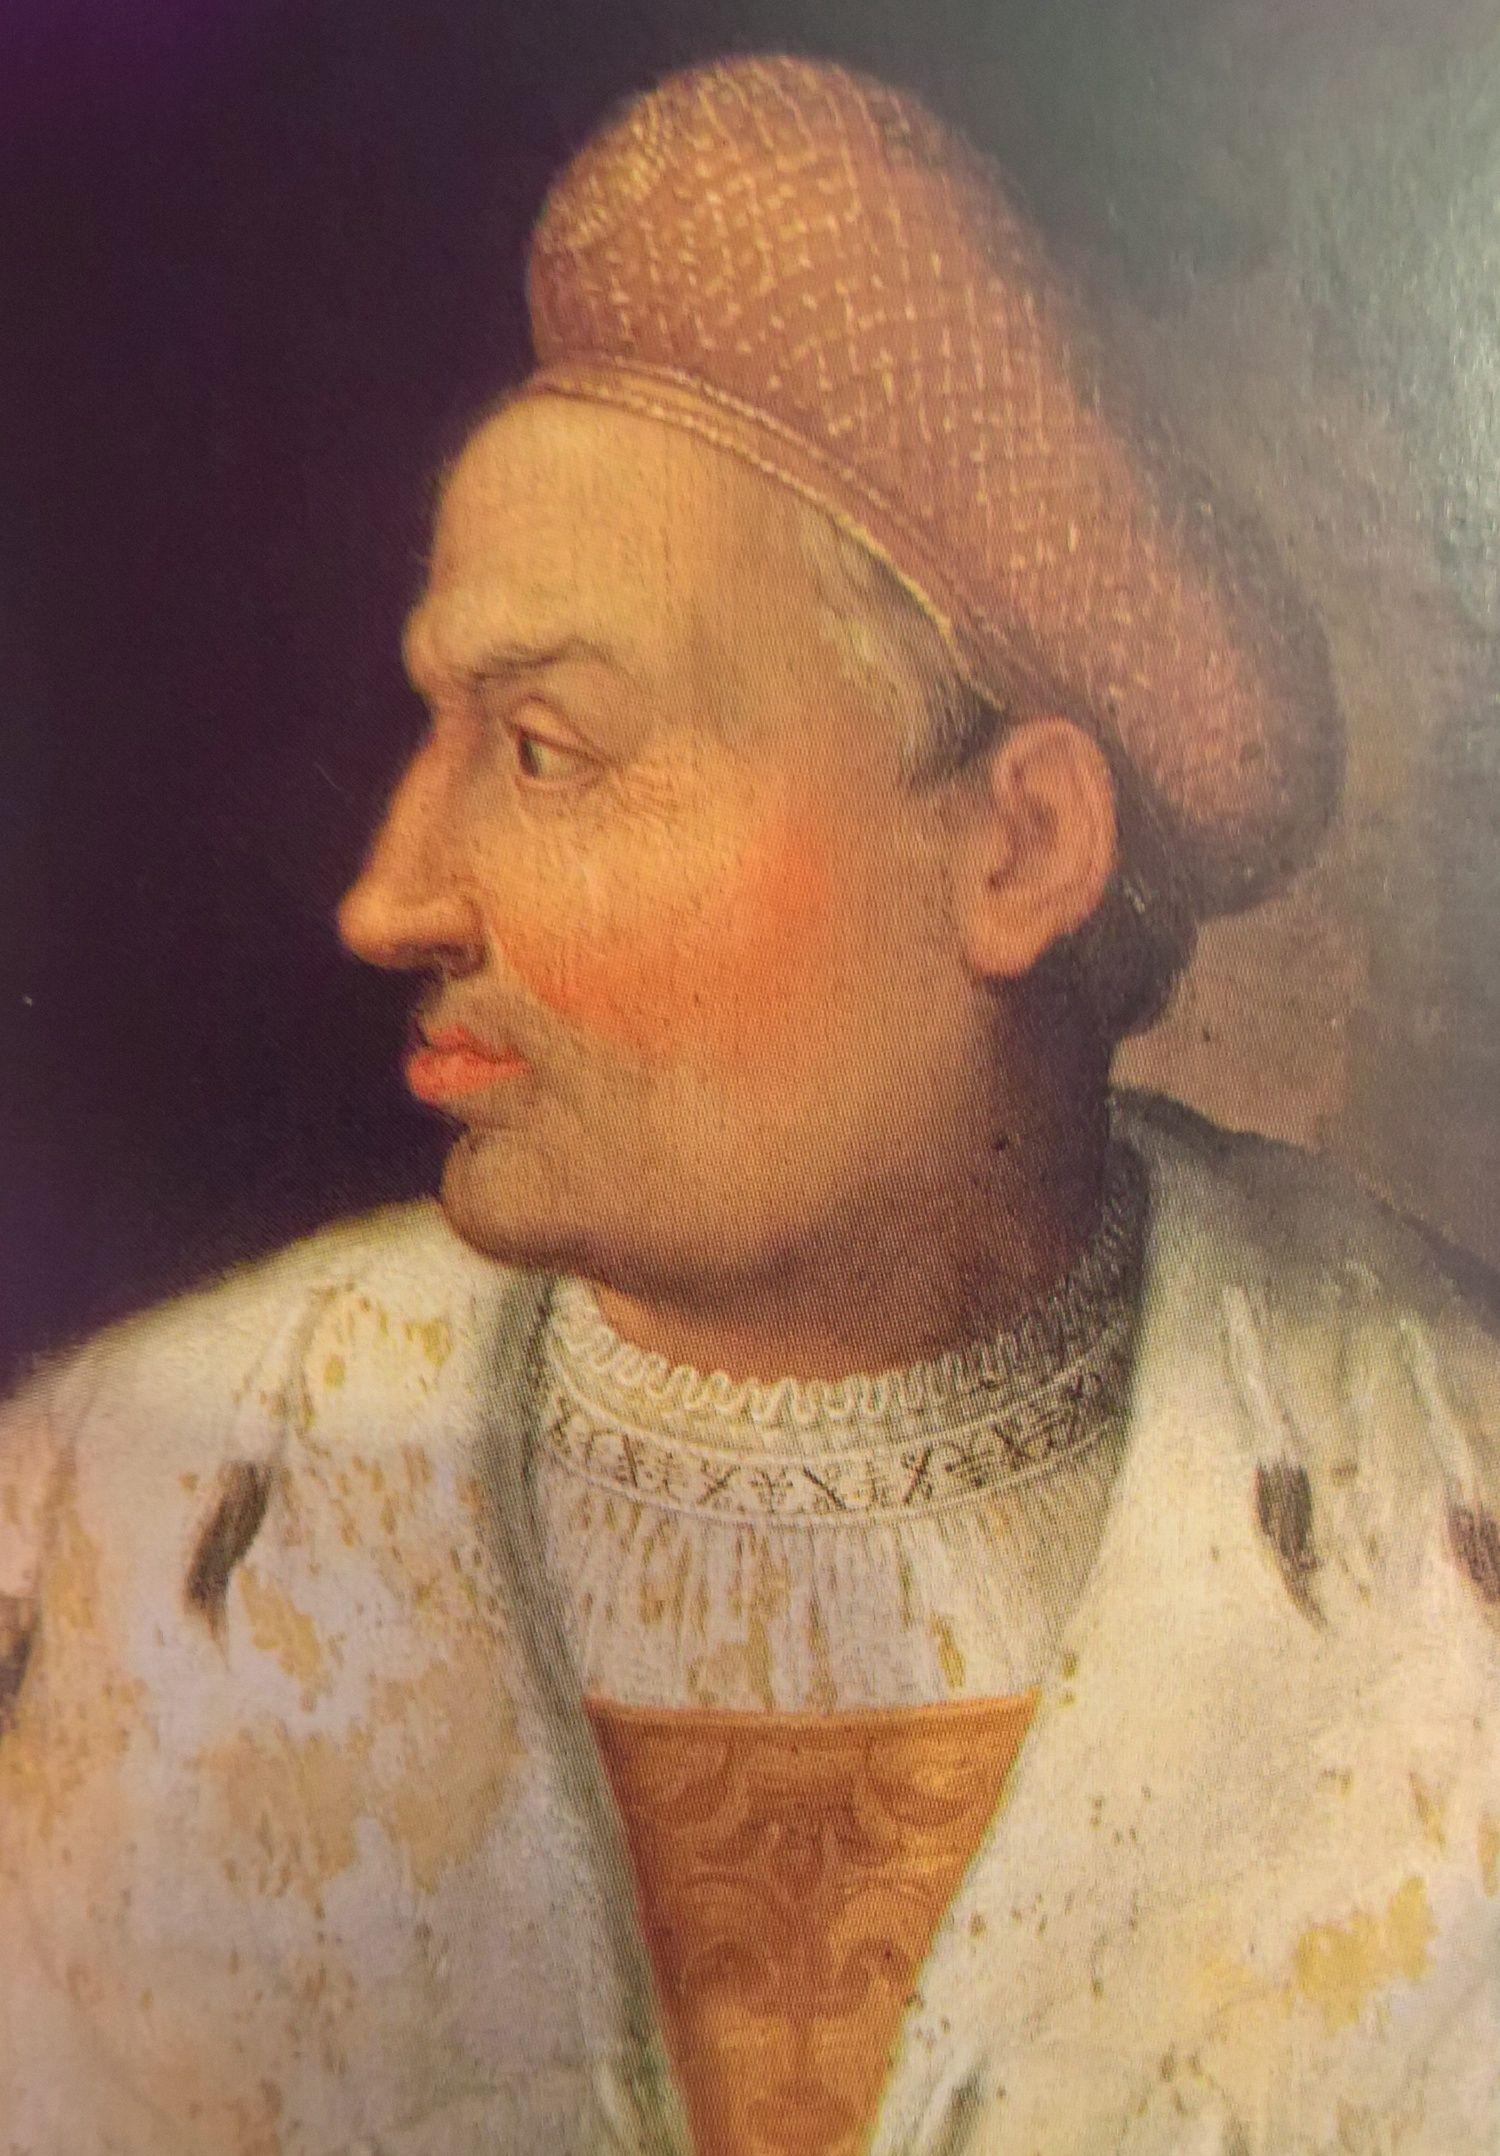 Król Zygmunt I Stary przed koronacją żył w związku z mieszczanką Katarzyną Telniczanką, z którą miał trójkę dzieci.